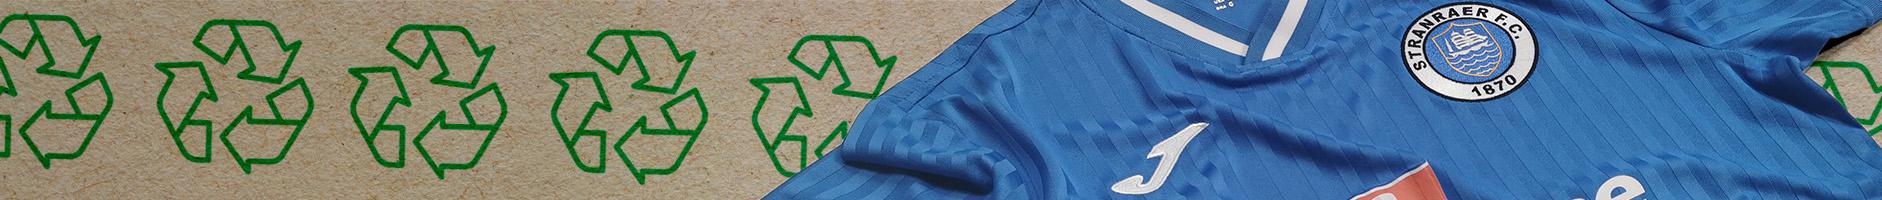 Stranraer FC | Home Shirt 2021/22